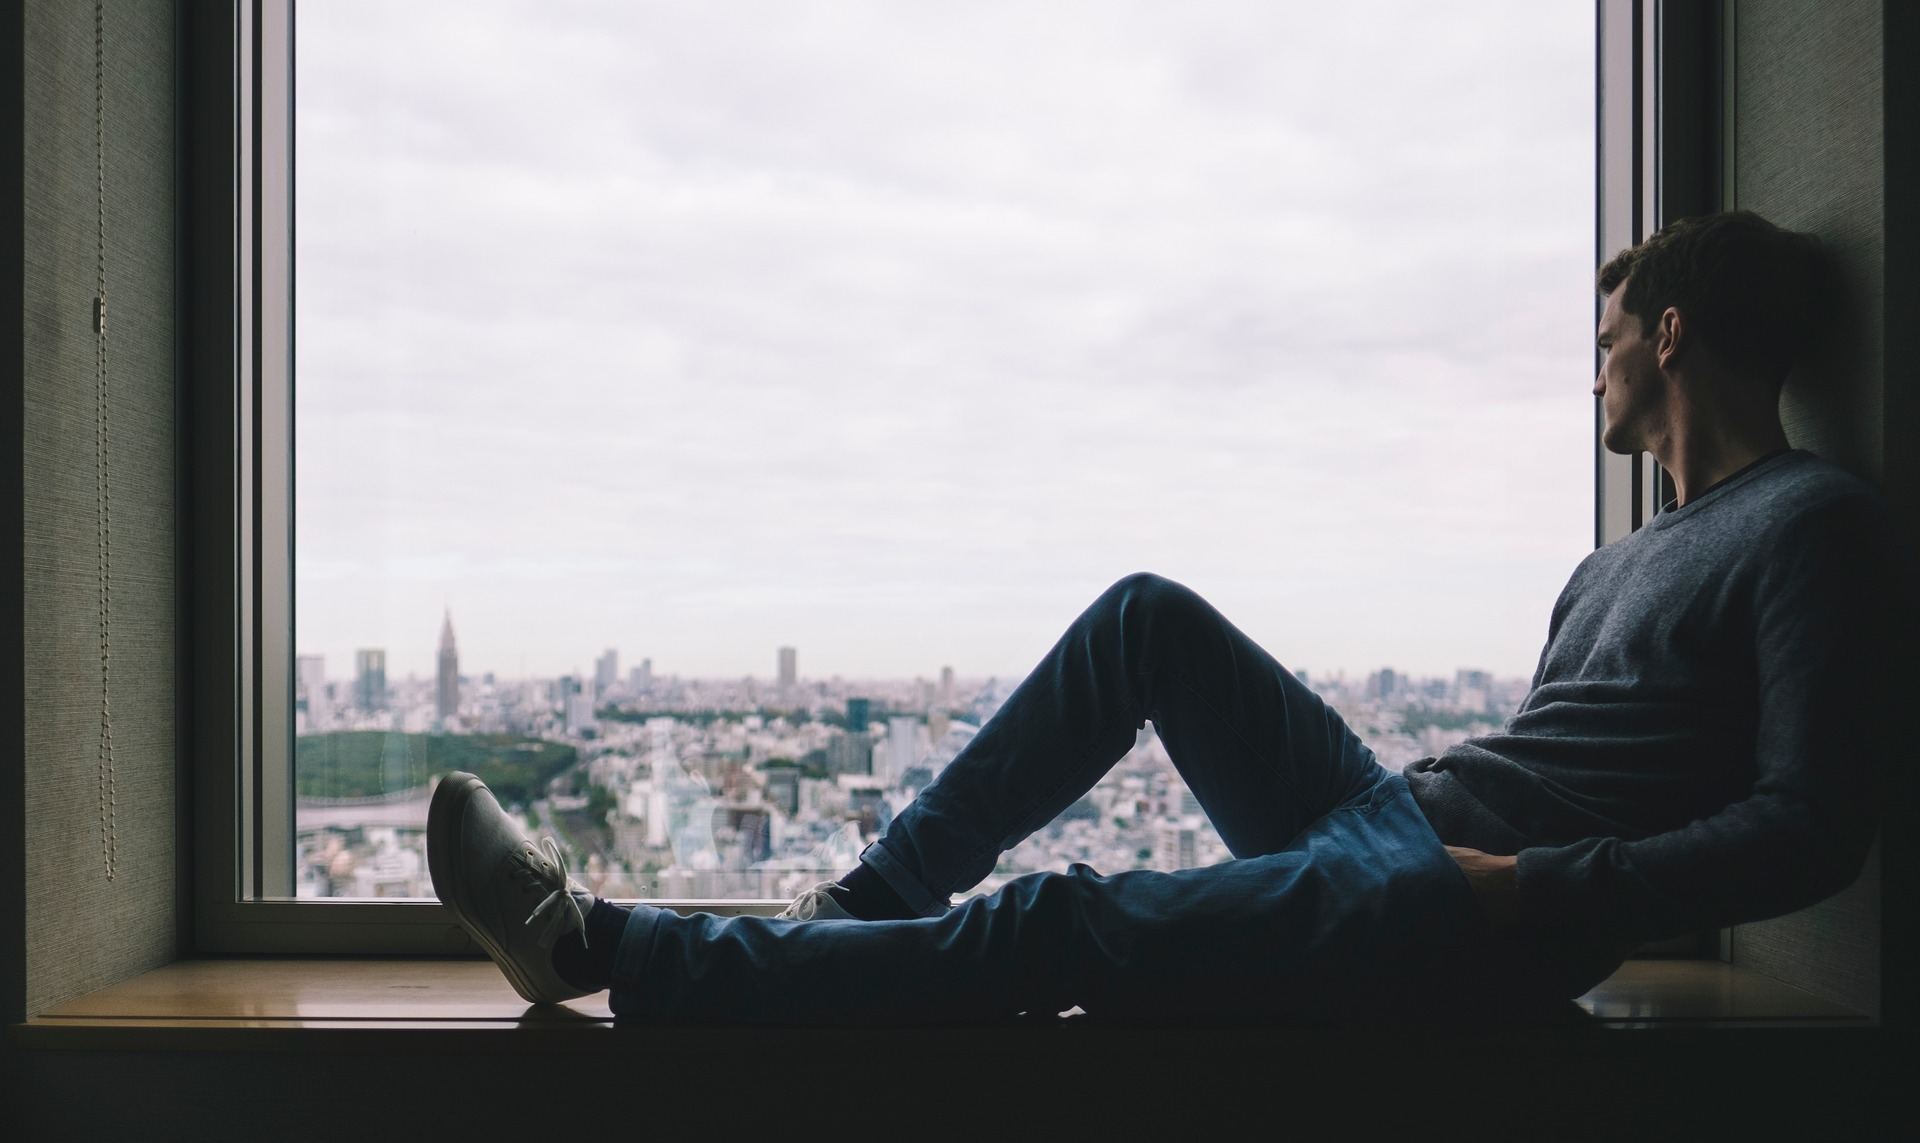 comment gérer et apprécier la solitude